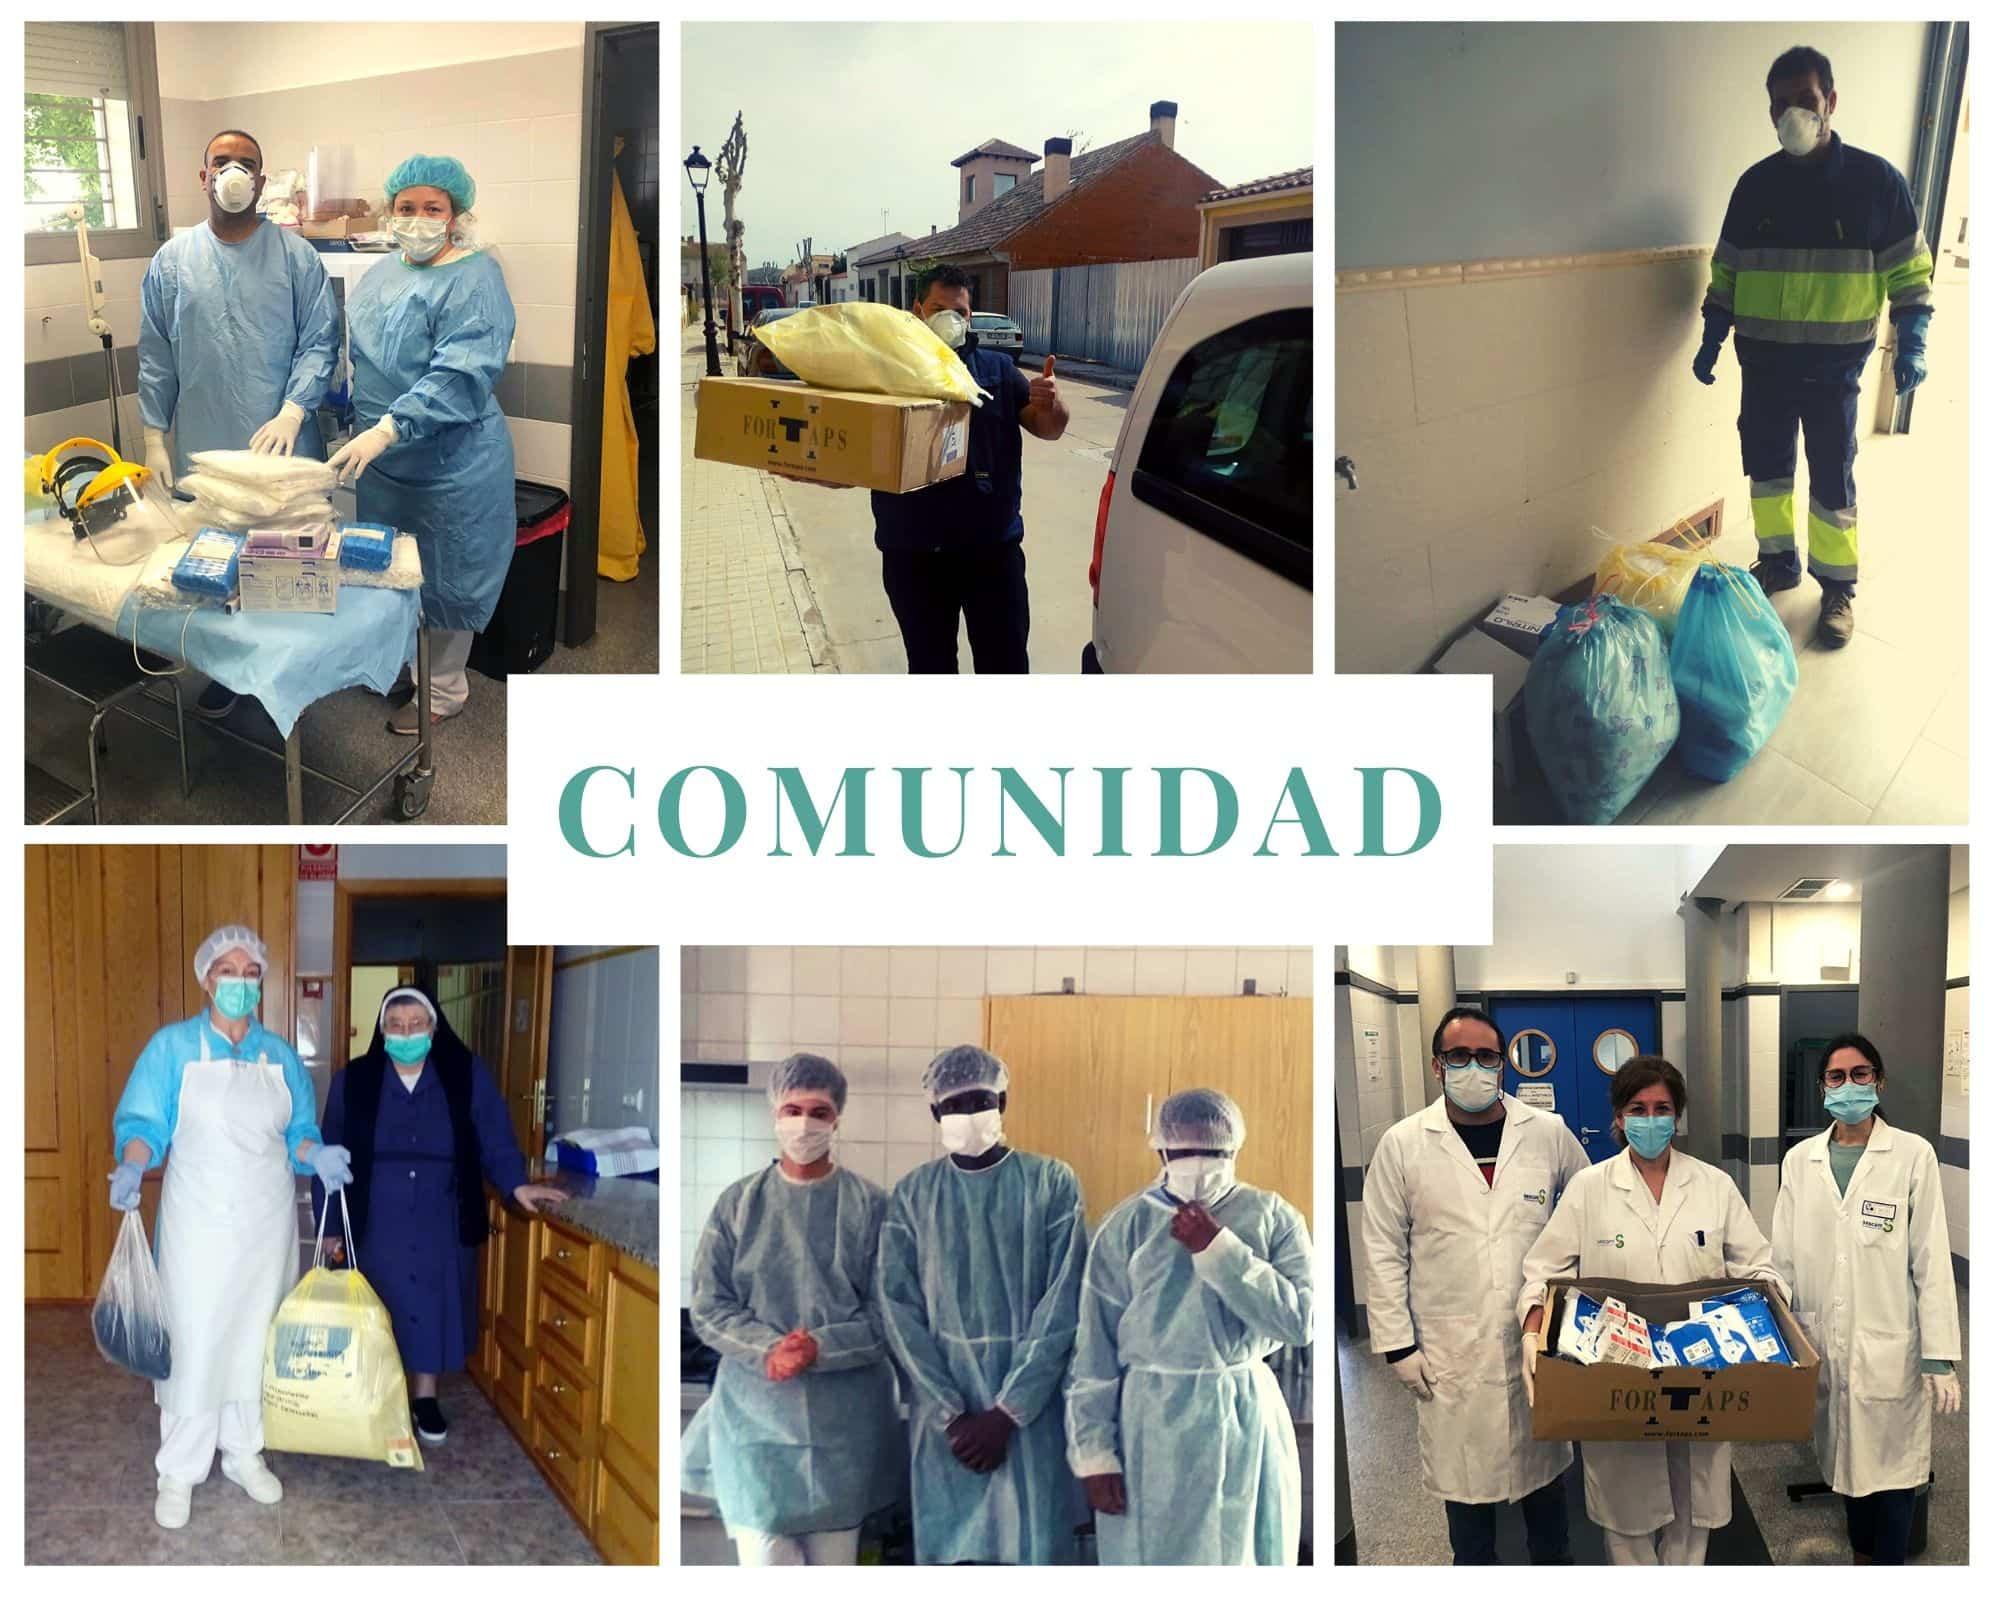 COMUNIDAD %C3%81NTHROPOS - Ánthropos y la generosidad de la comunidad ante el coronavirus